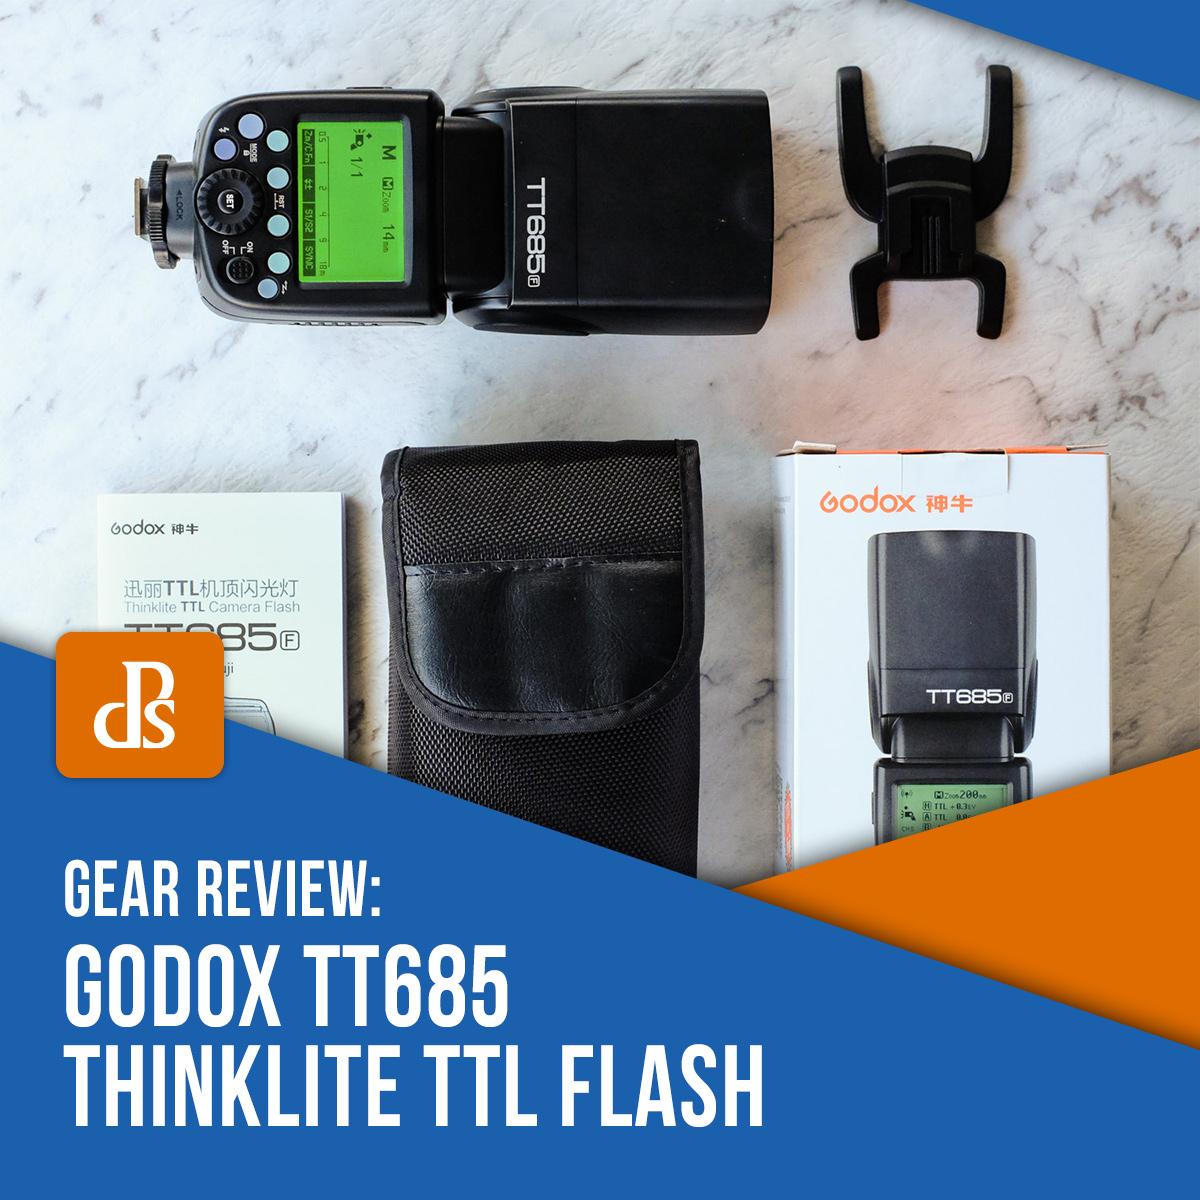 godox-tt685-thinklite-flash-review